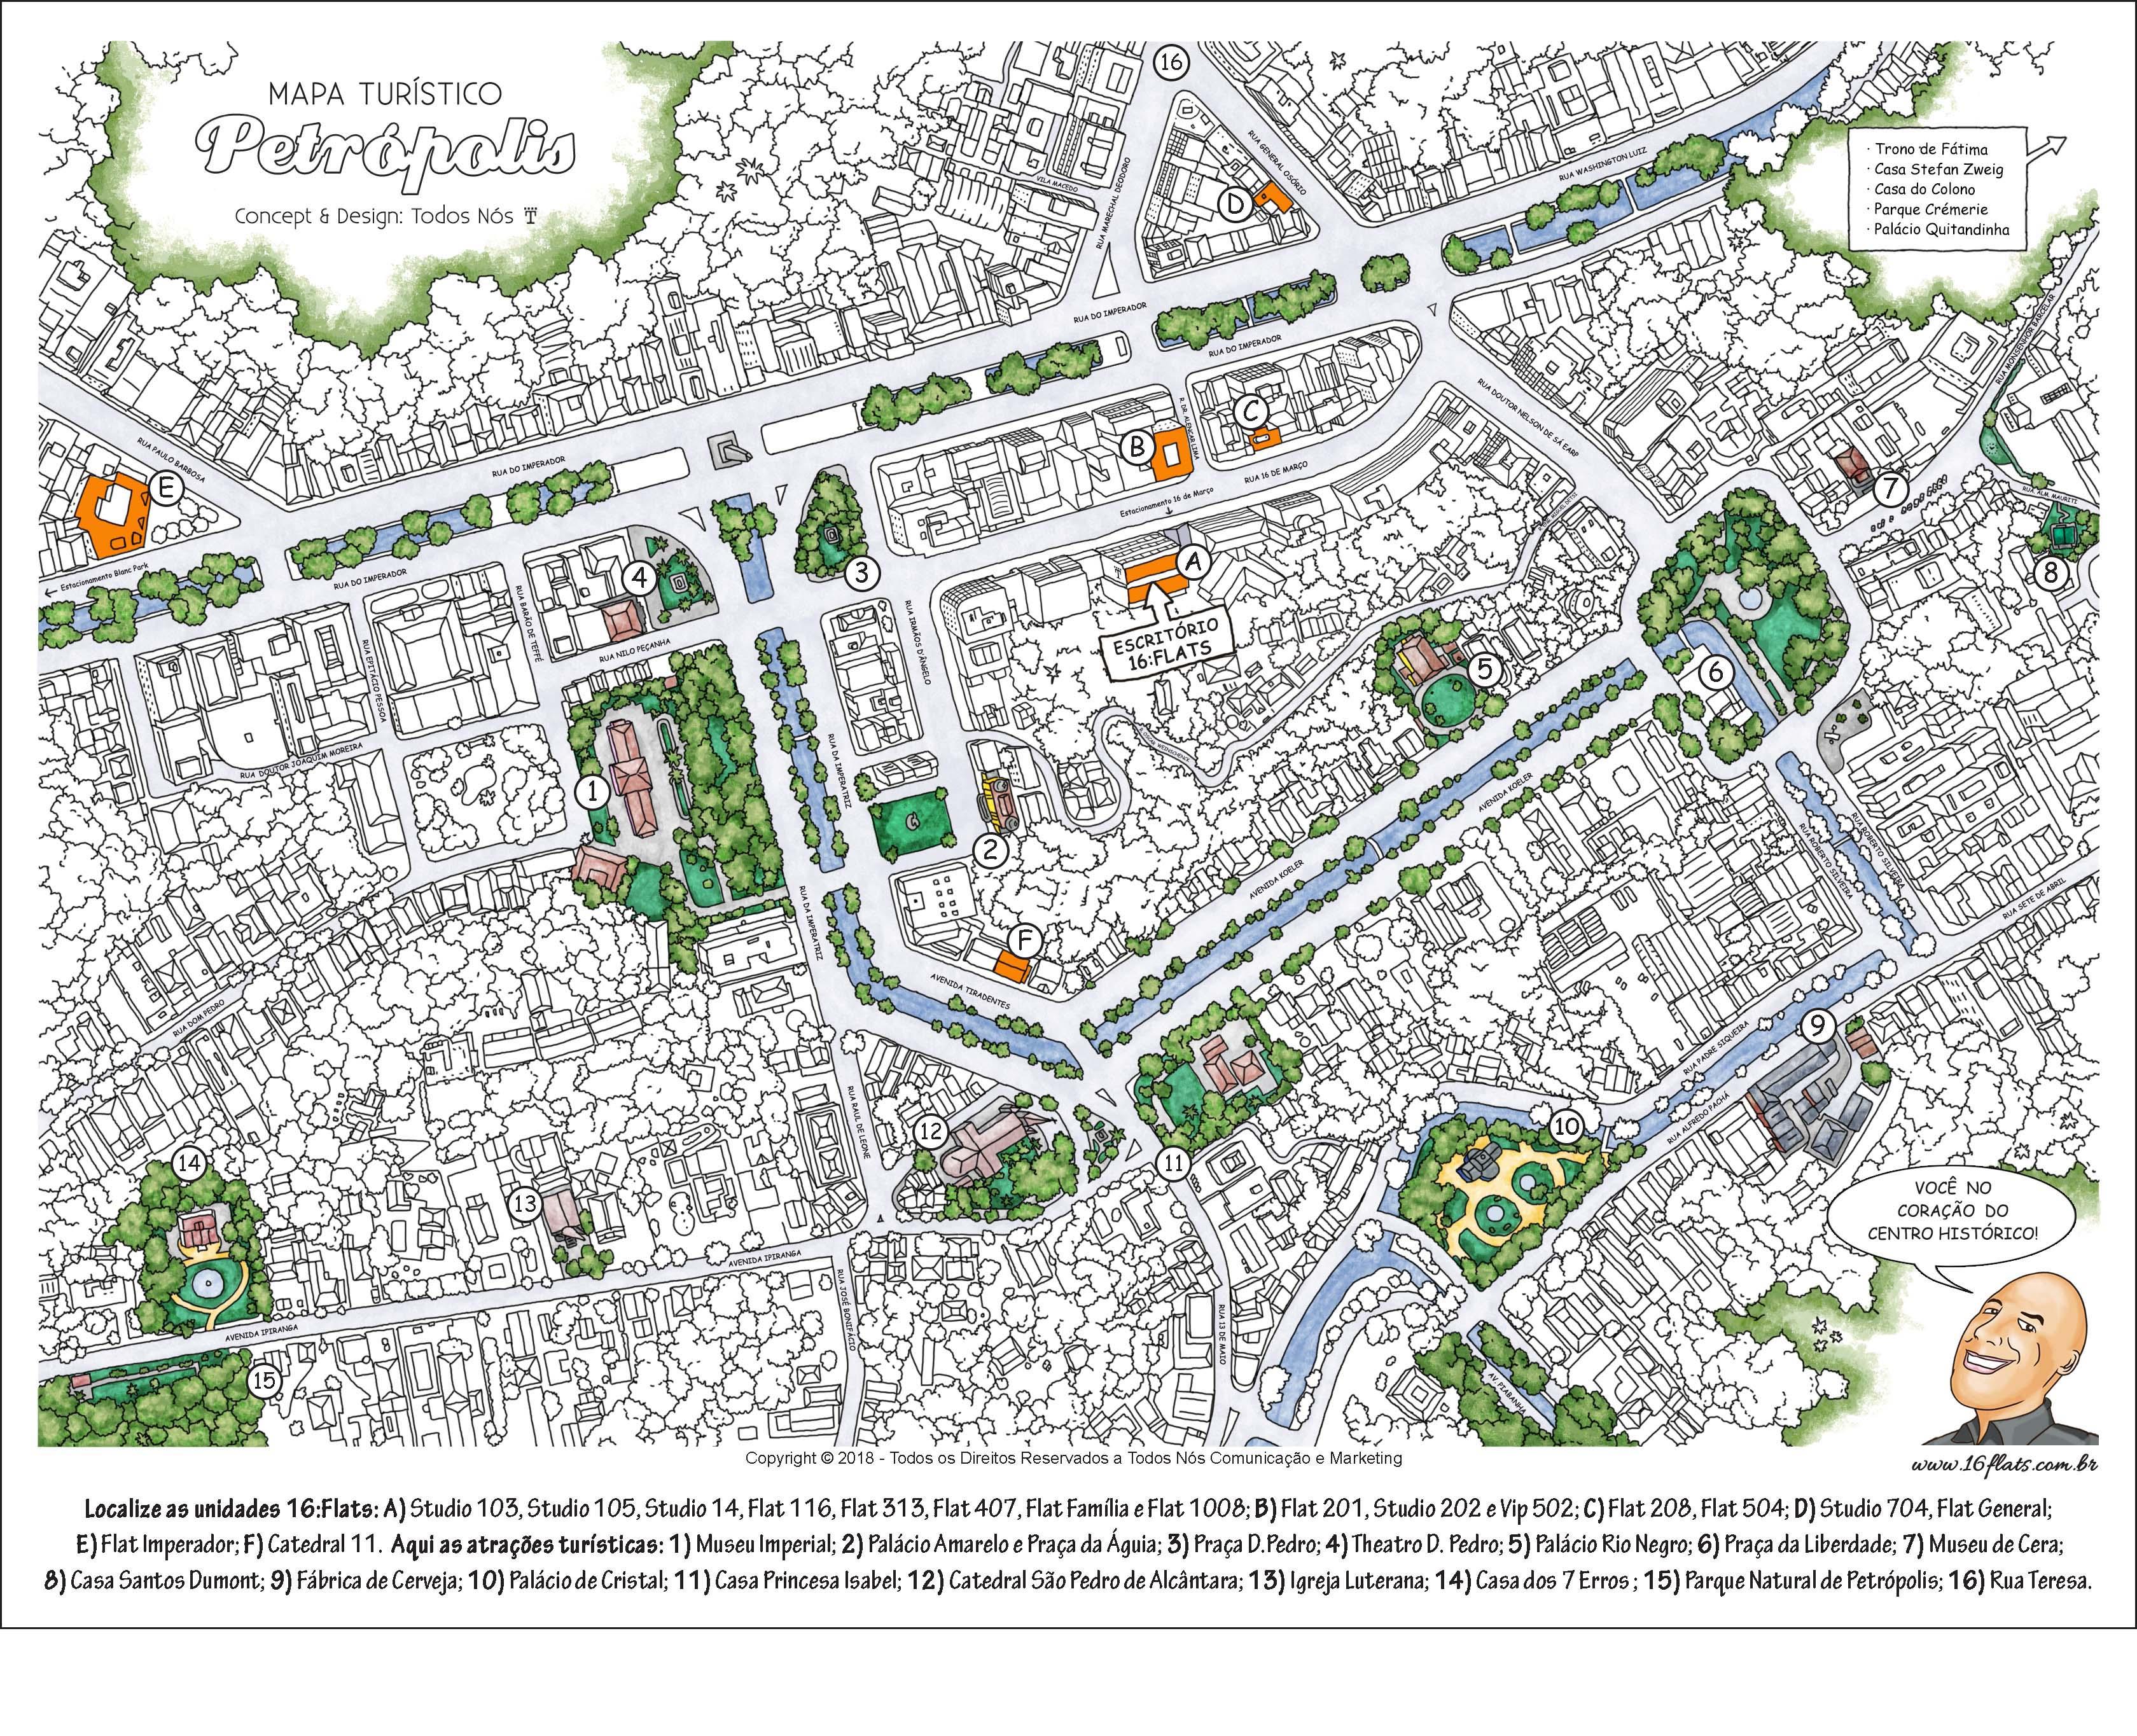 16Flats_localização dos flats_expansão turismo_siteinfo